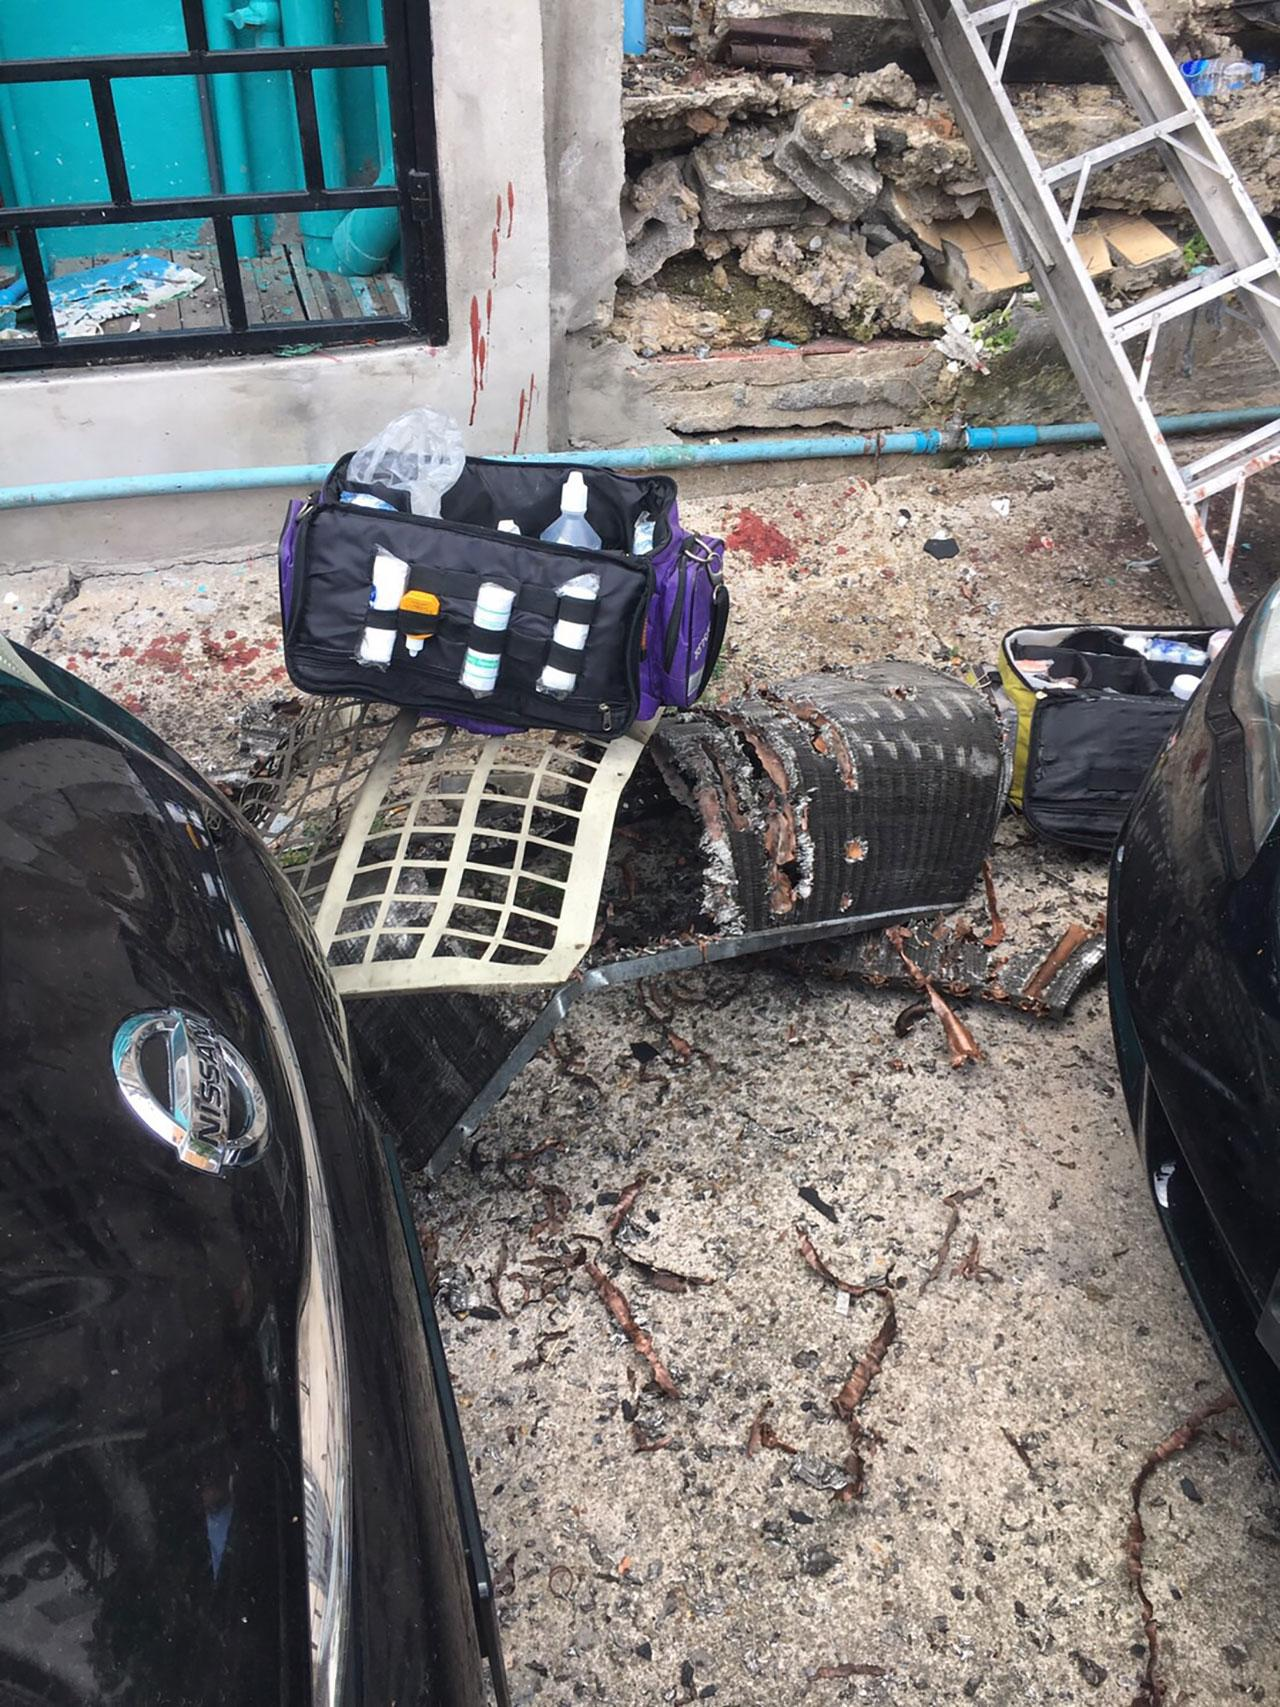 แรงระเบิดทำรถยนต์เสียหาย 6 คัน